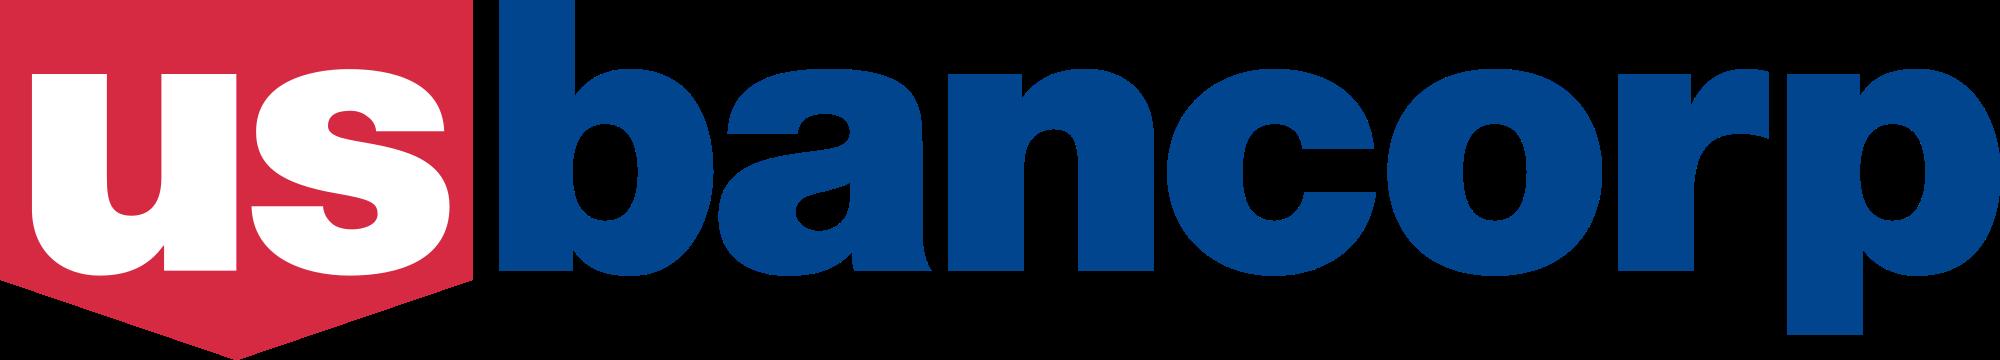 Principales bancos de Estados Unidos: US Bancorp